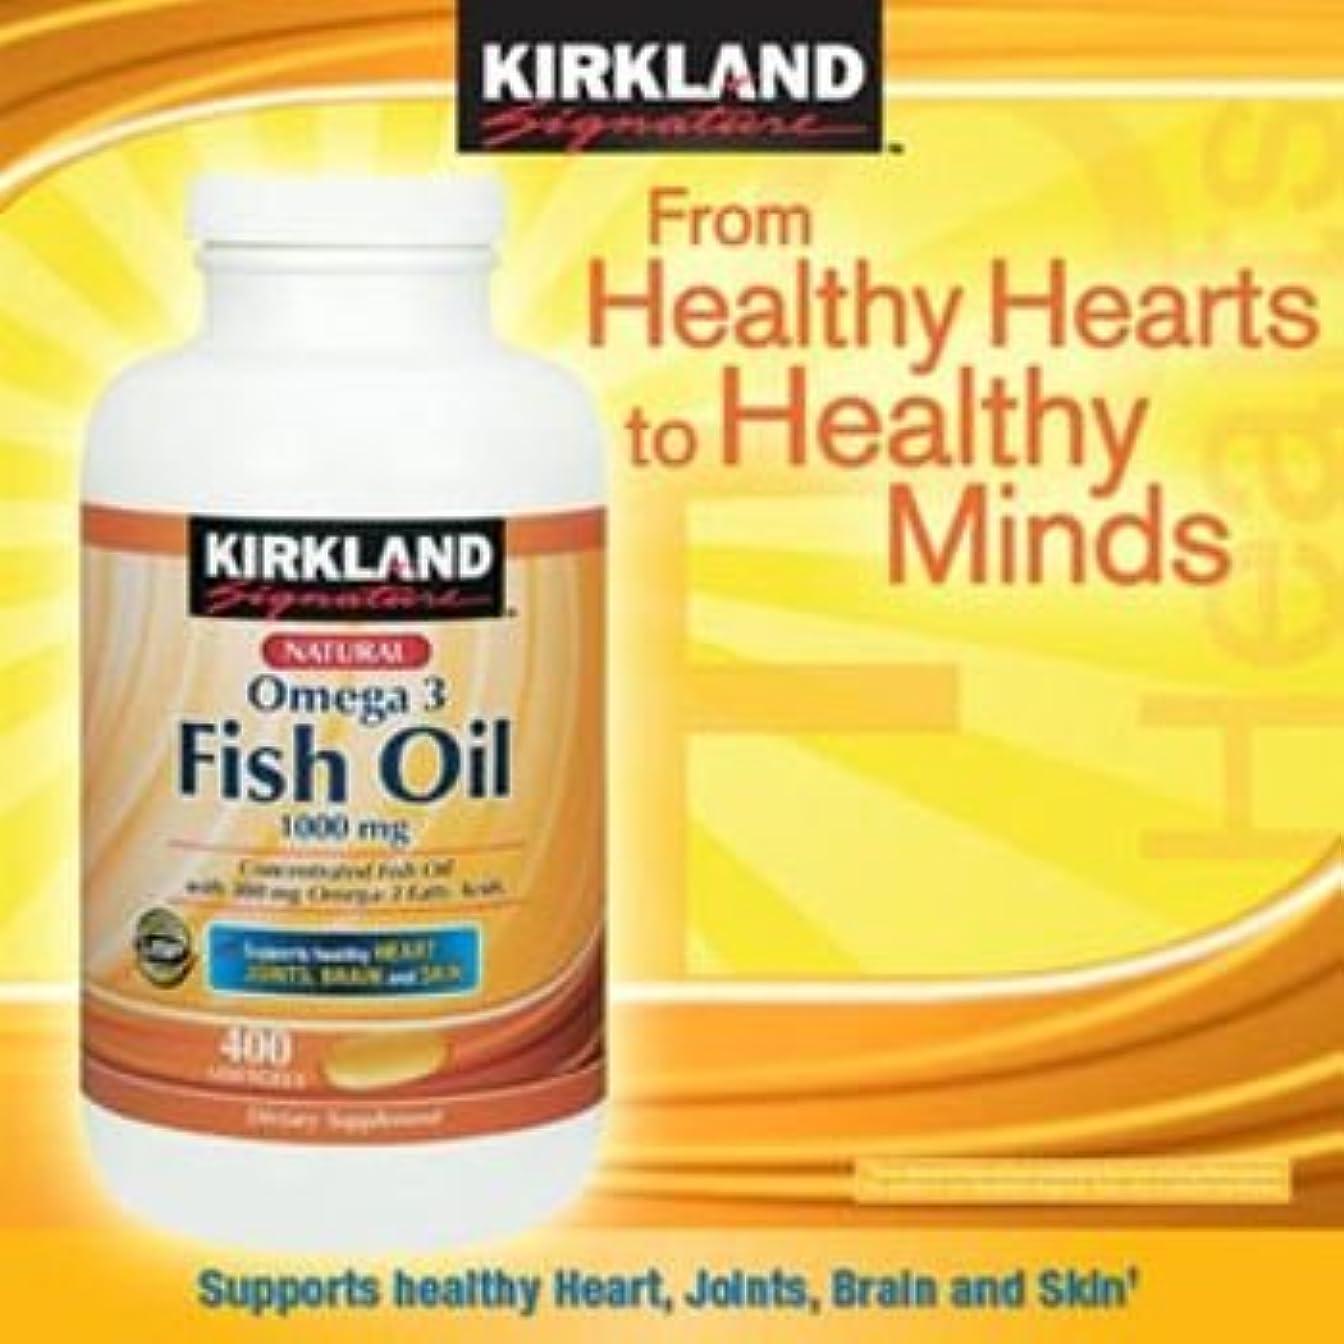 ラフ睡眠現象調停するKIRKLAND社 フィッシュオイル (DHA+EPA) オメガ3 1000mg 400ソフトカプセル 3本 [並行輸入品] [海外直送品] 3 Bottles of KIRKLAND's Fish Oil (DHA +...